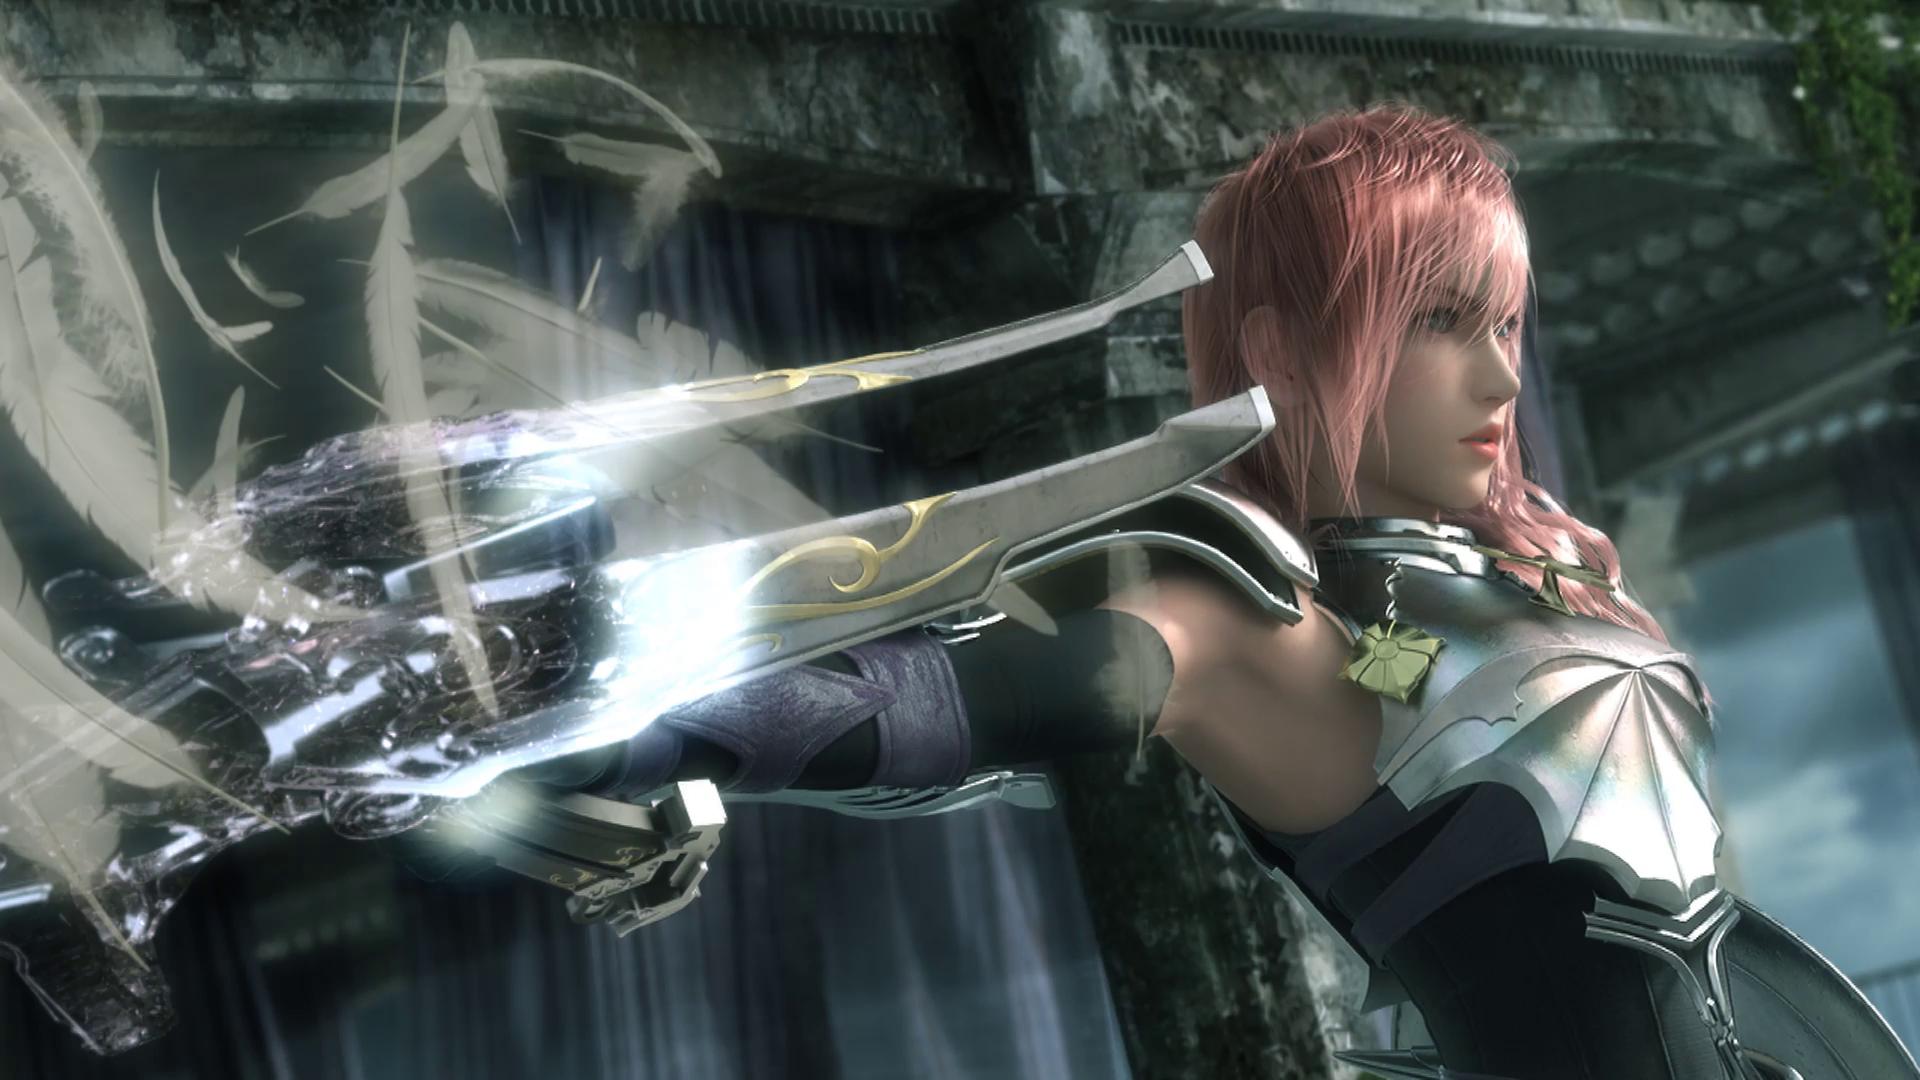 Lightning Final Fantasy Xiii 2 Hd Wallpaper